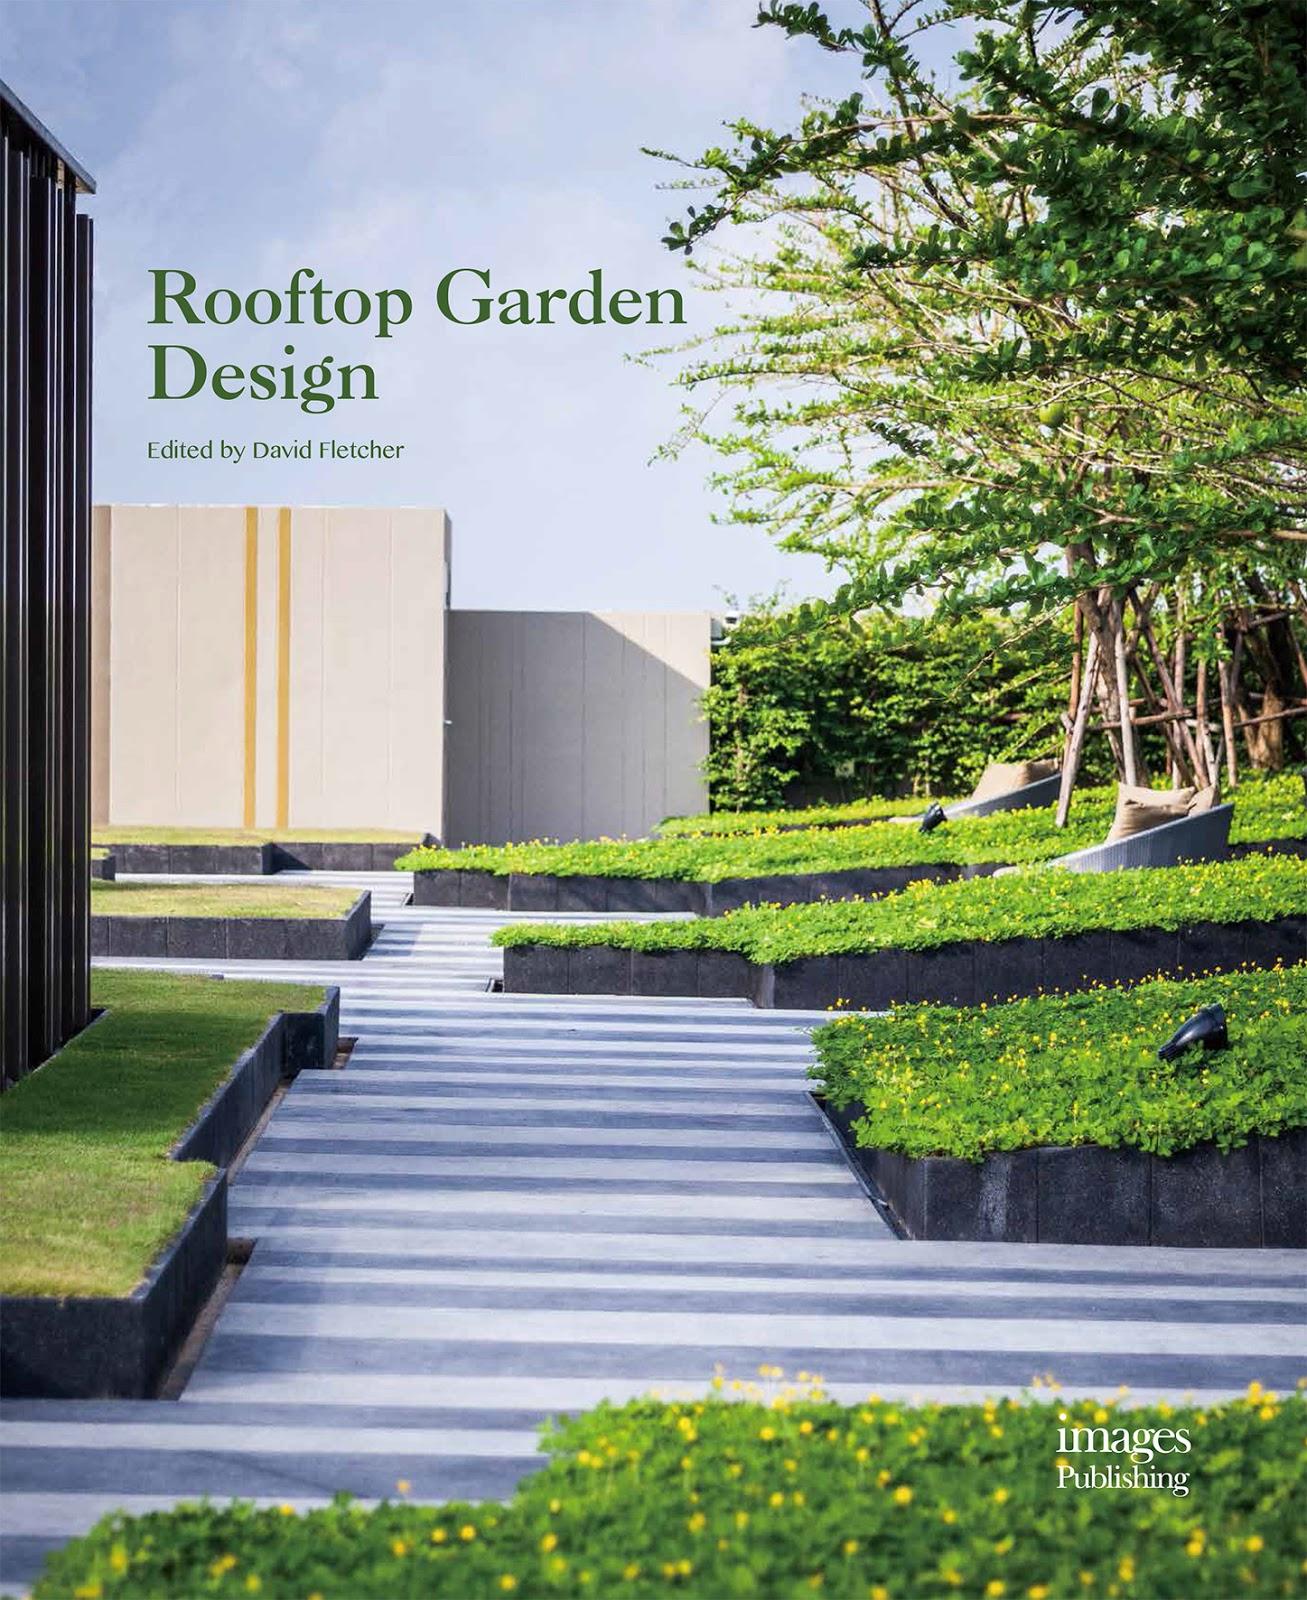 Garden Design Reviews : Color outside the lines book review rooftop garden design